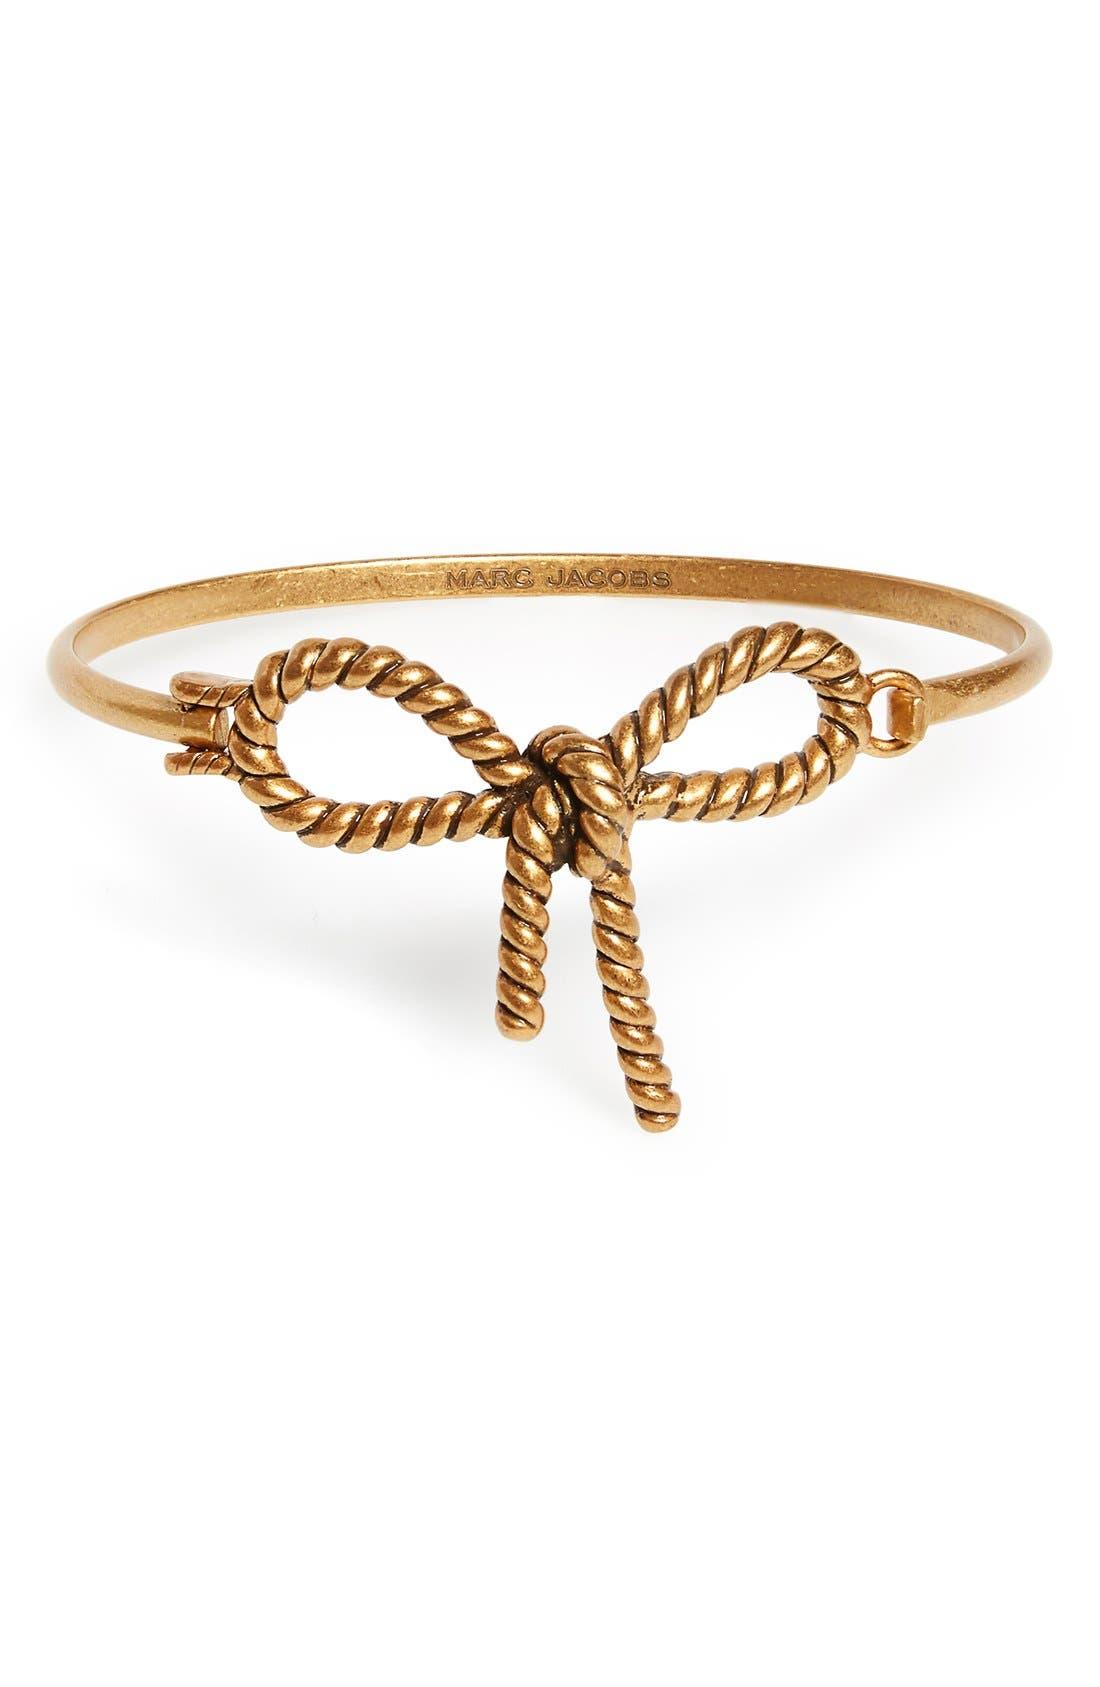 Main Image - MARC JACOBS Rope Bow Hinge Bracelet